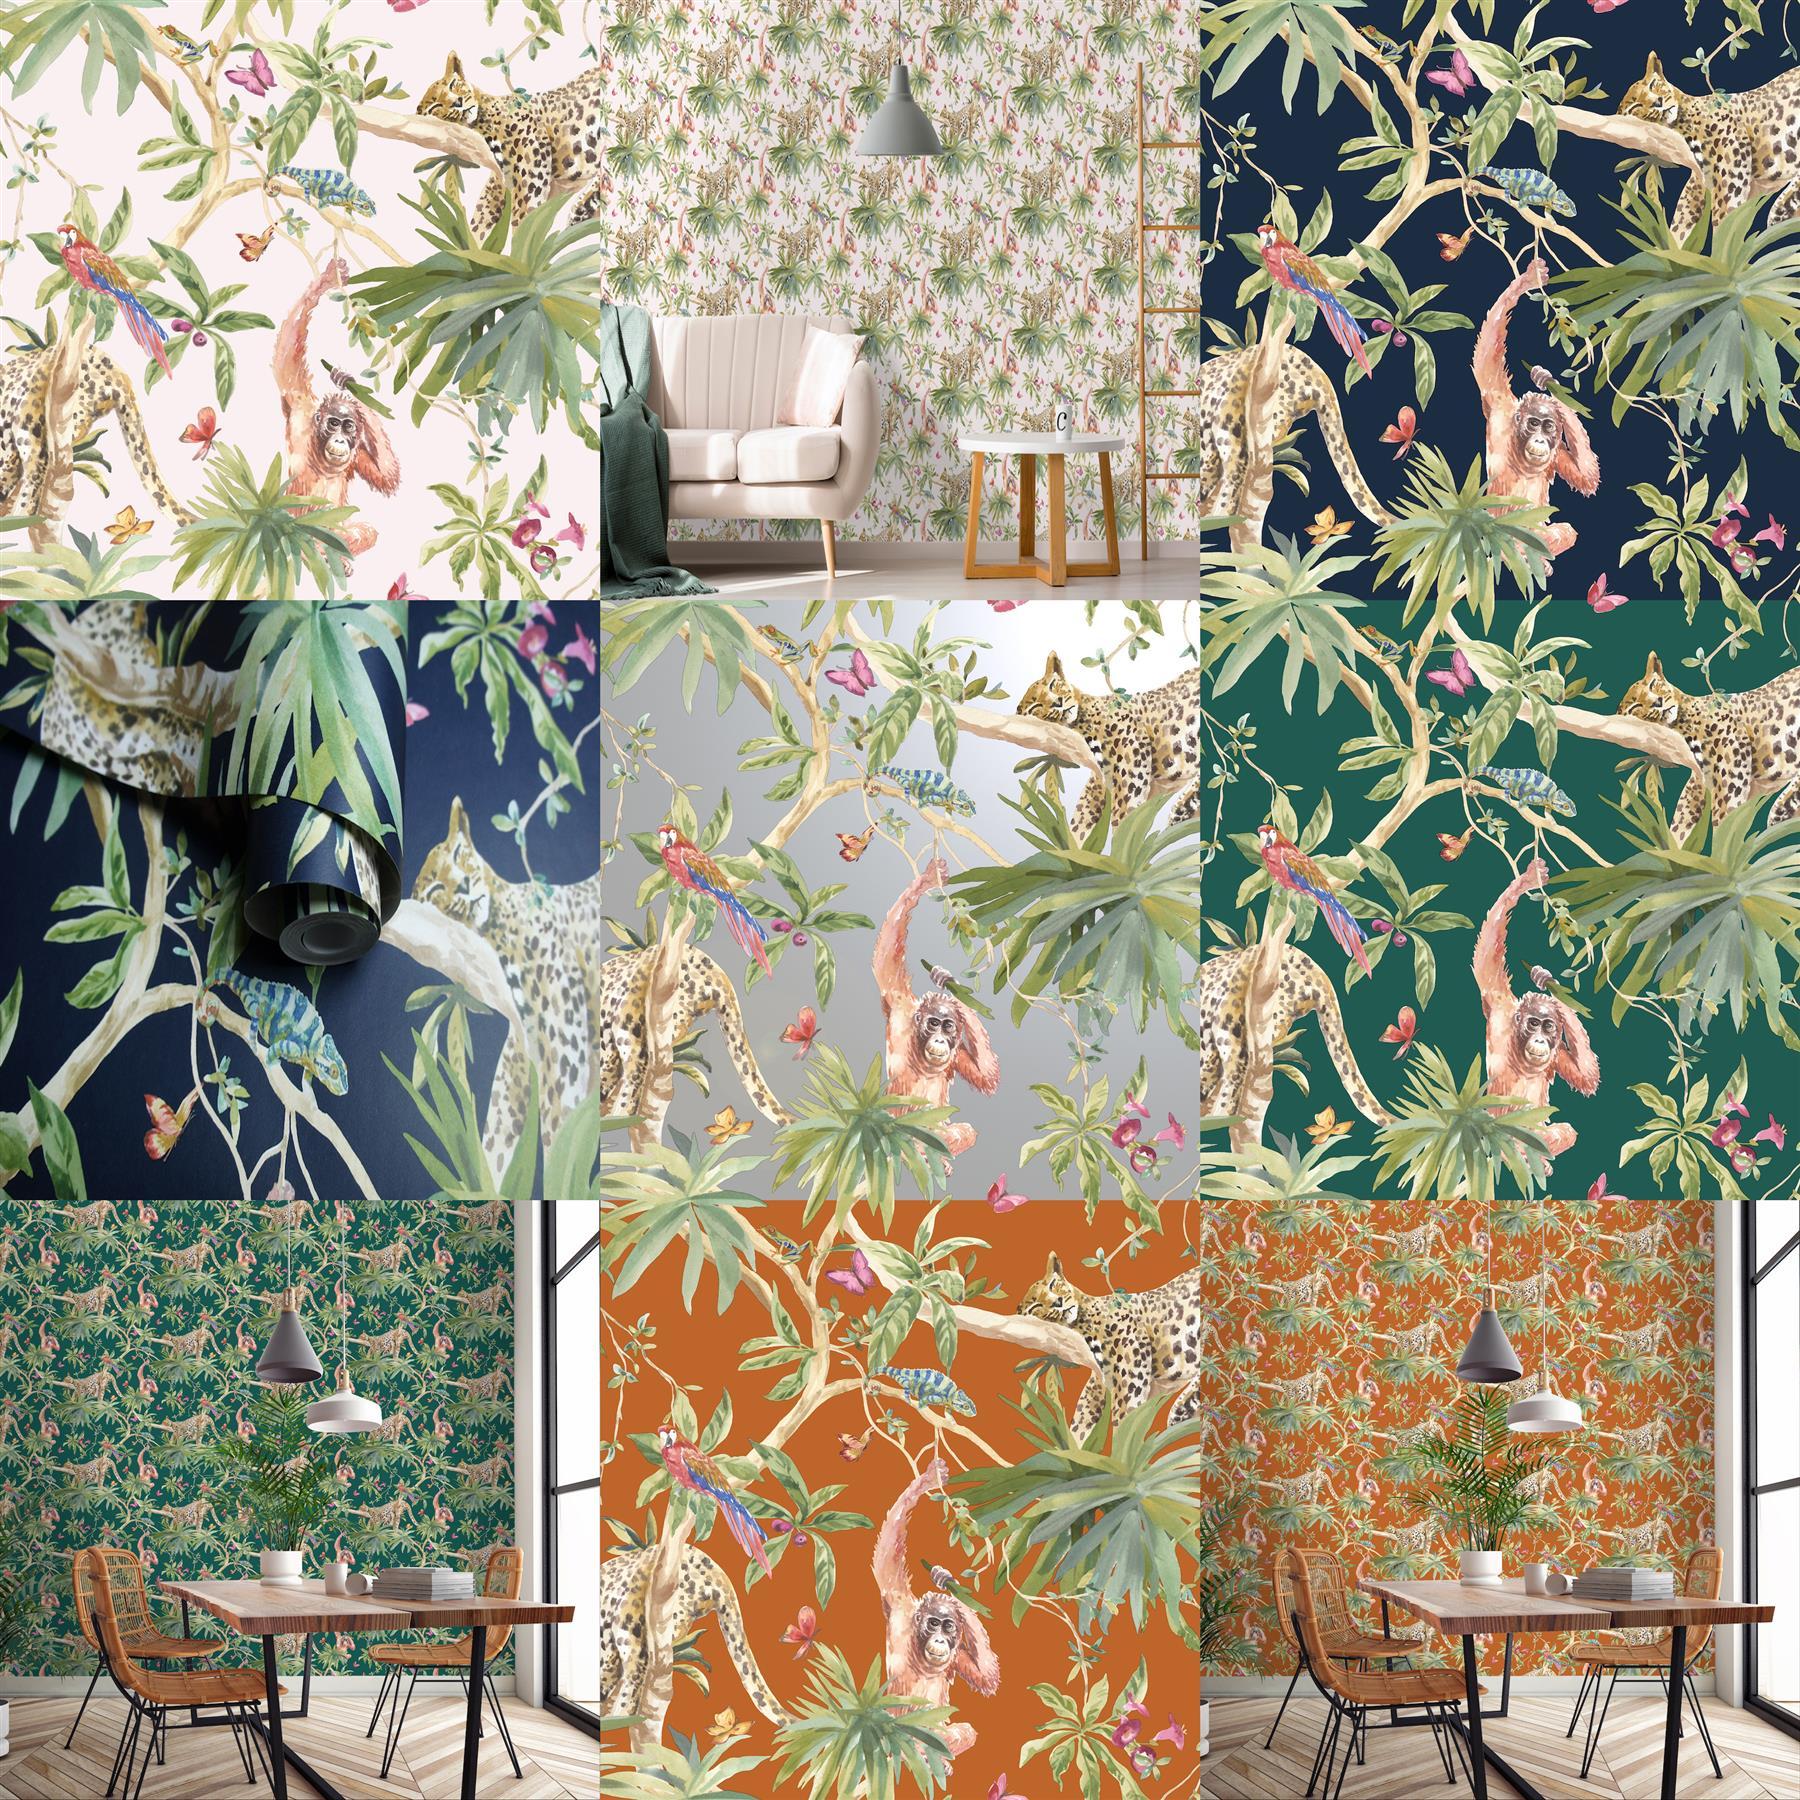 Jungle Animals Wallpaper Tropical Leopard Butterflies Birds Trees